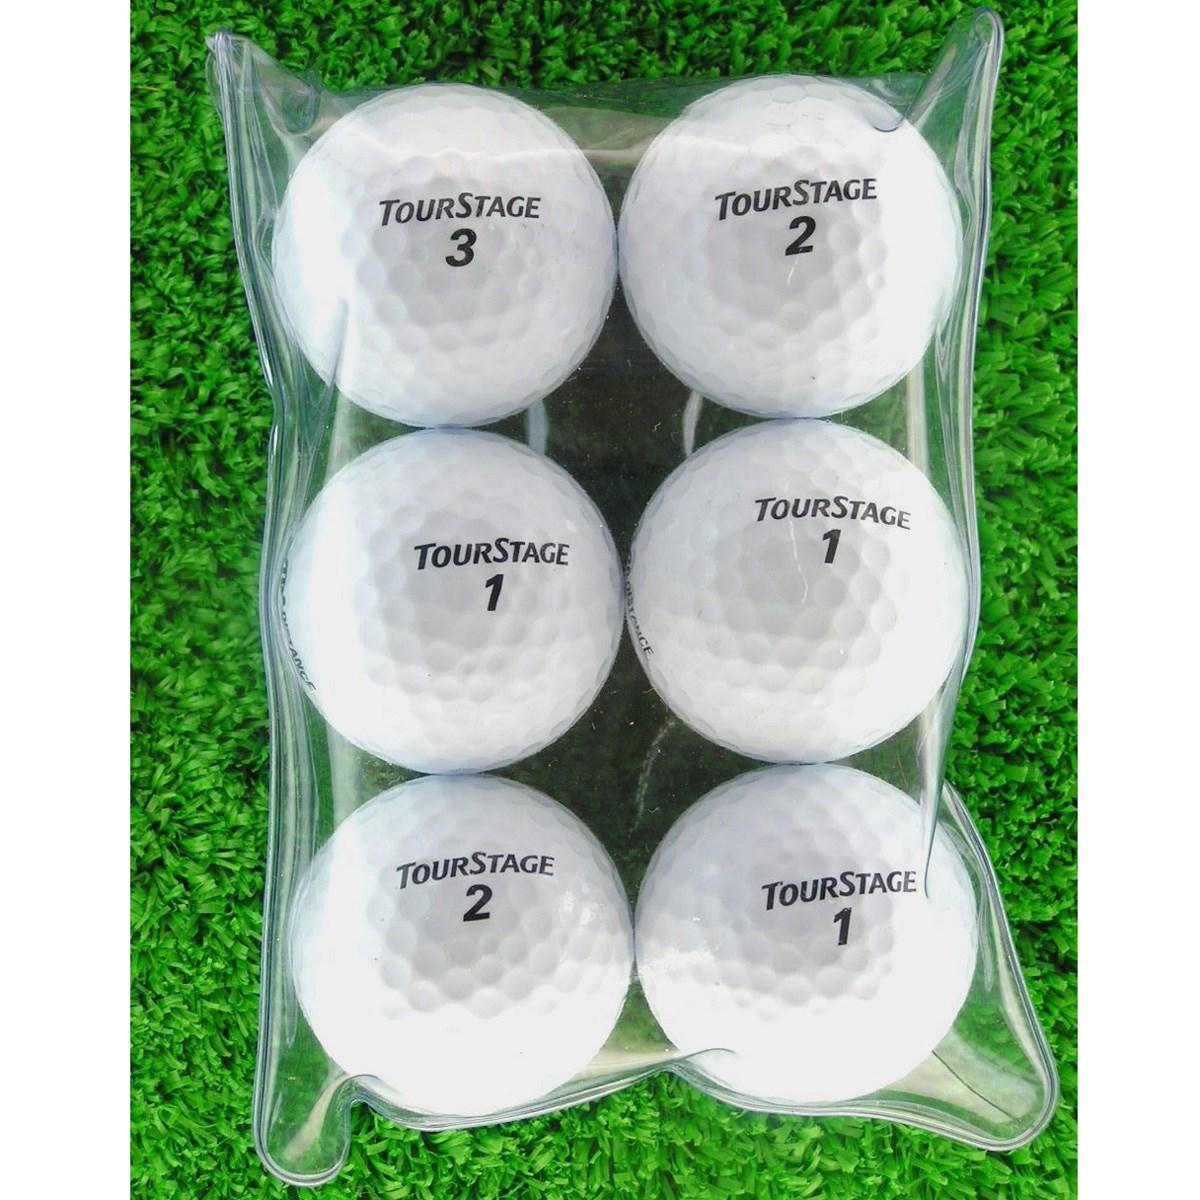 ロストボール メイホウゴルフ ロストボール ツアーステージ EXTRA DISTANCE 6個入り4パック24個セット